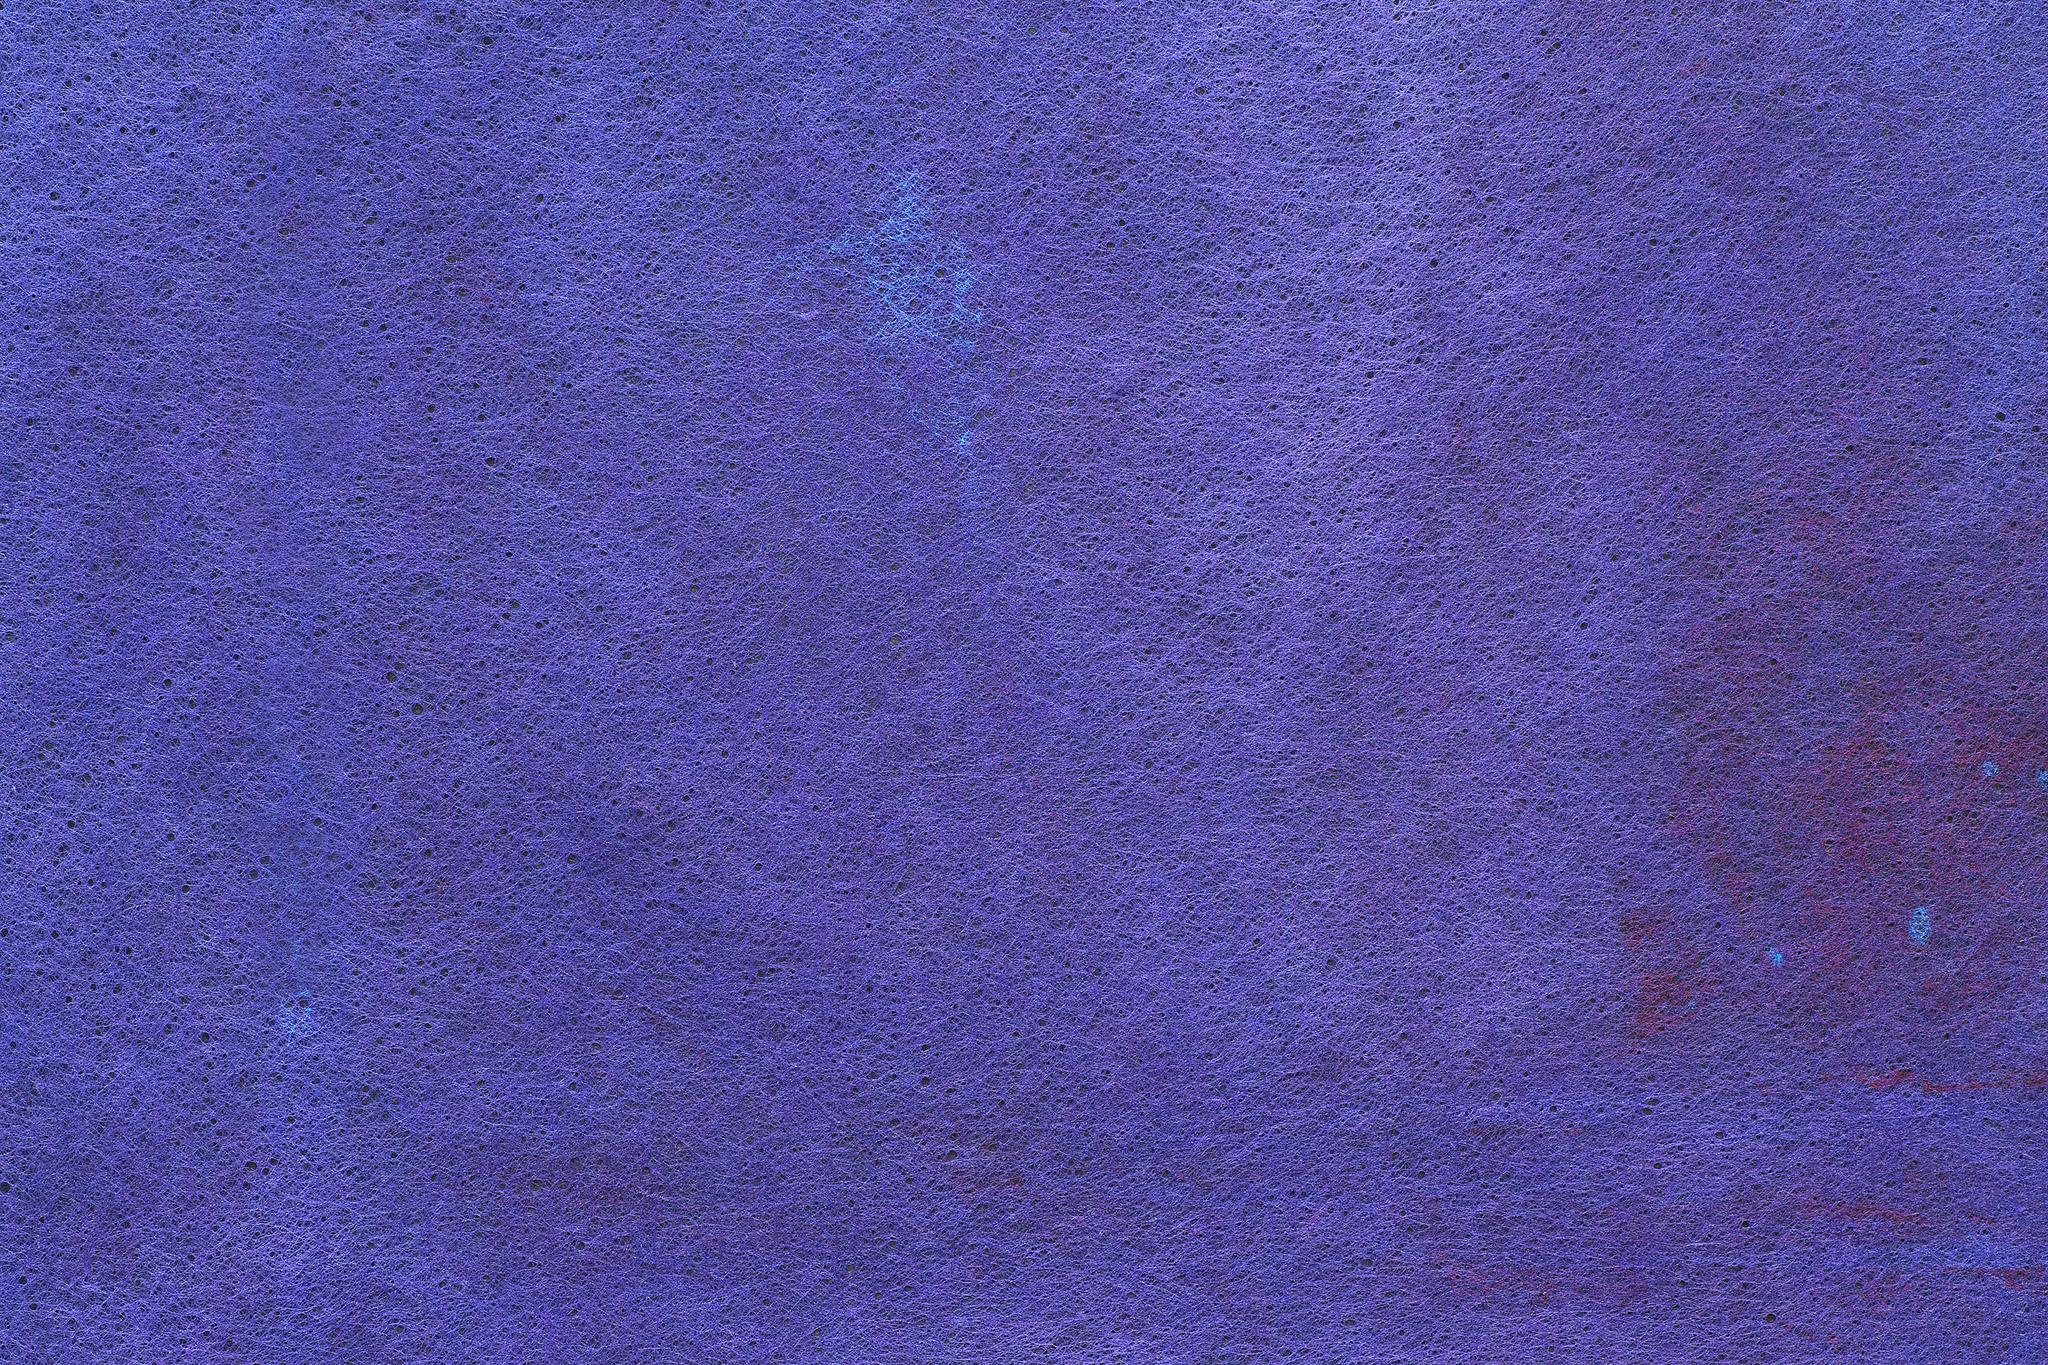 「鮮やかな本紫色の和紙」の画像を無料ダウンロード